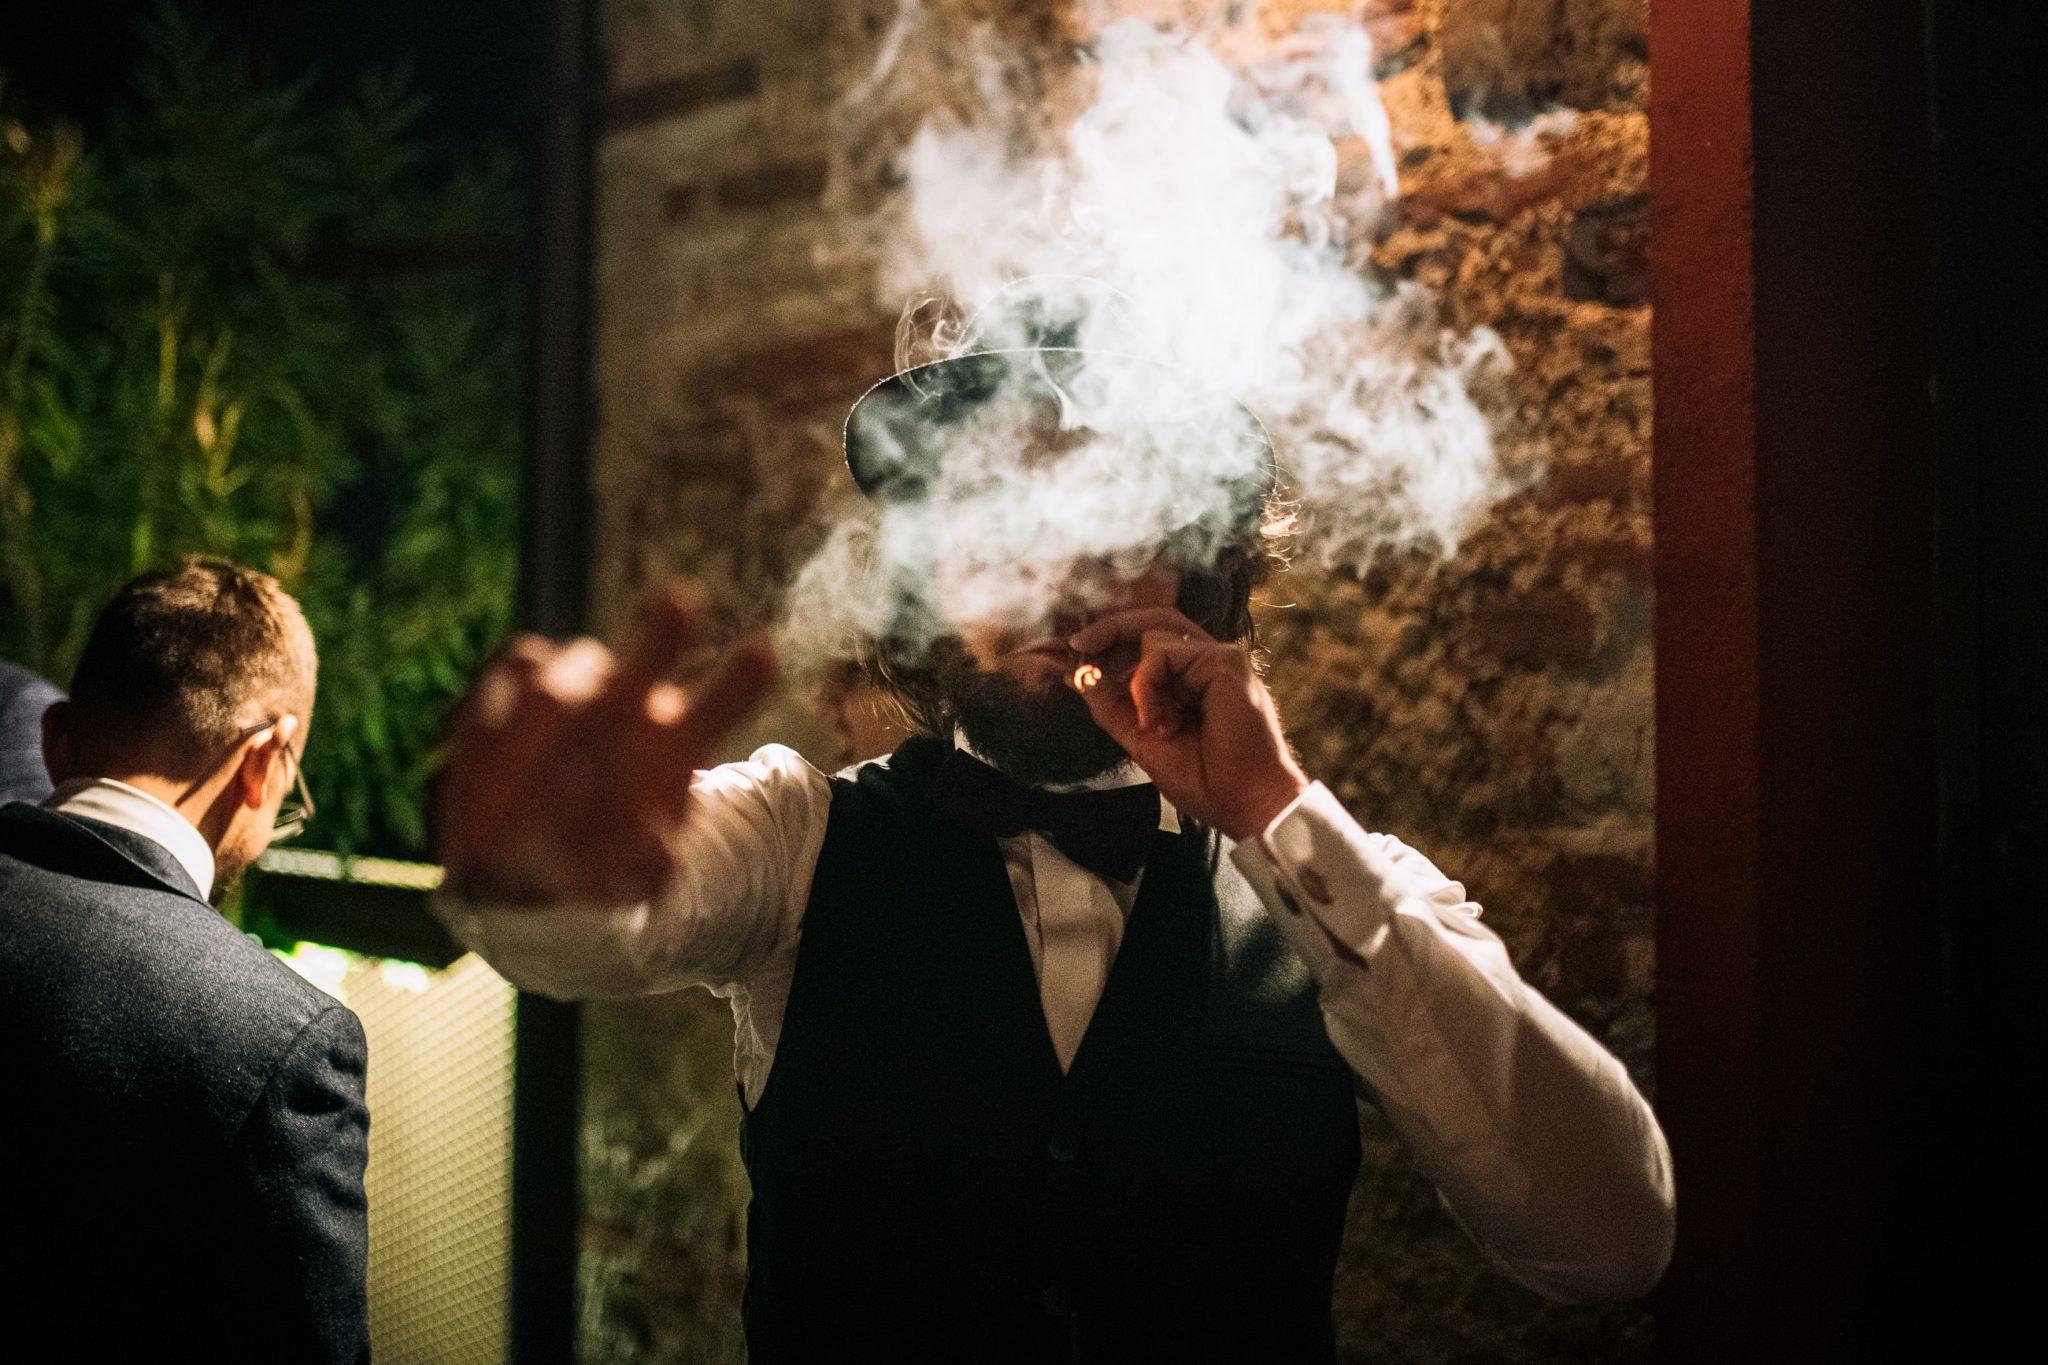 lo sposo coperto dal fumo della sigaretta